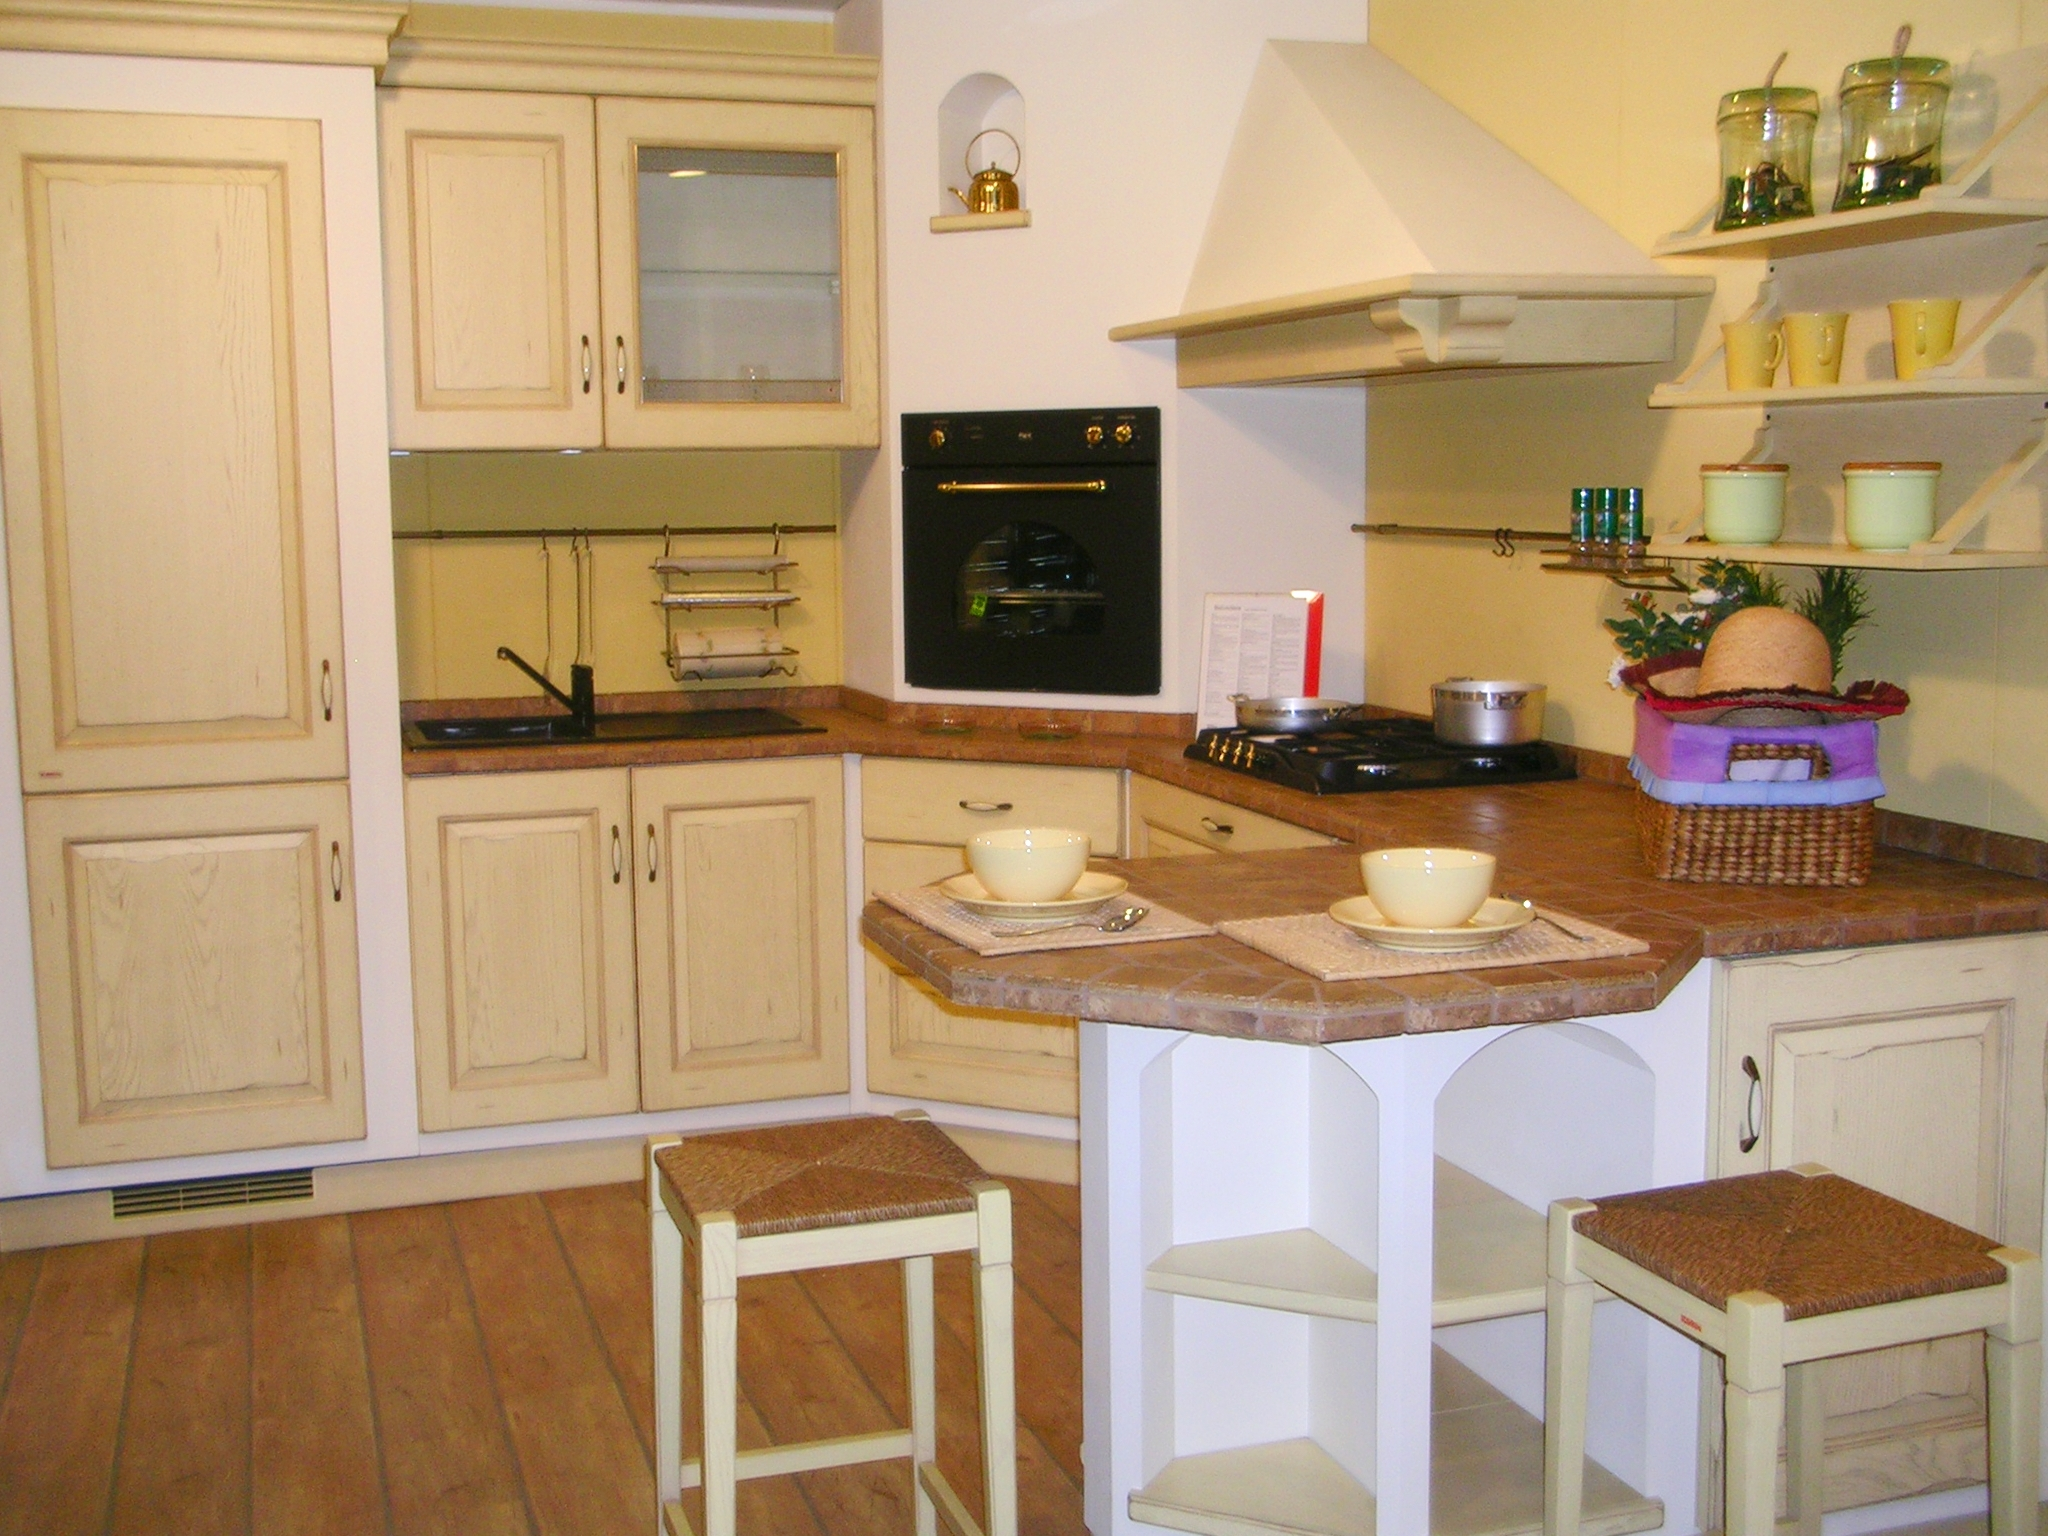 Scavolini belvedere gialla 14523 cucine a prezzi scontati for Scavolini prezzi